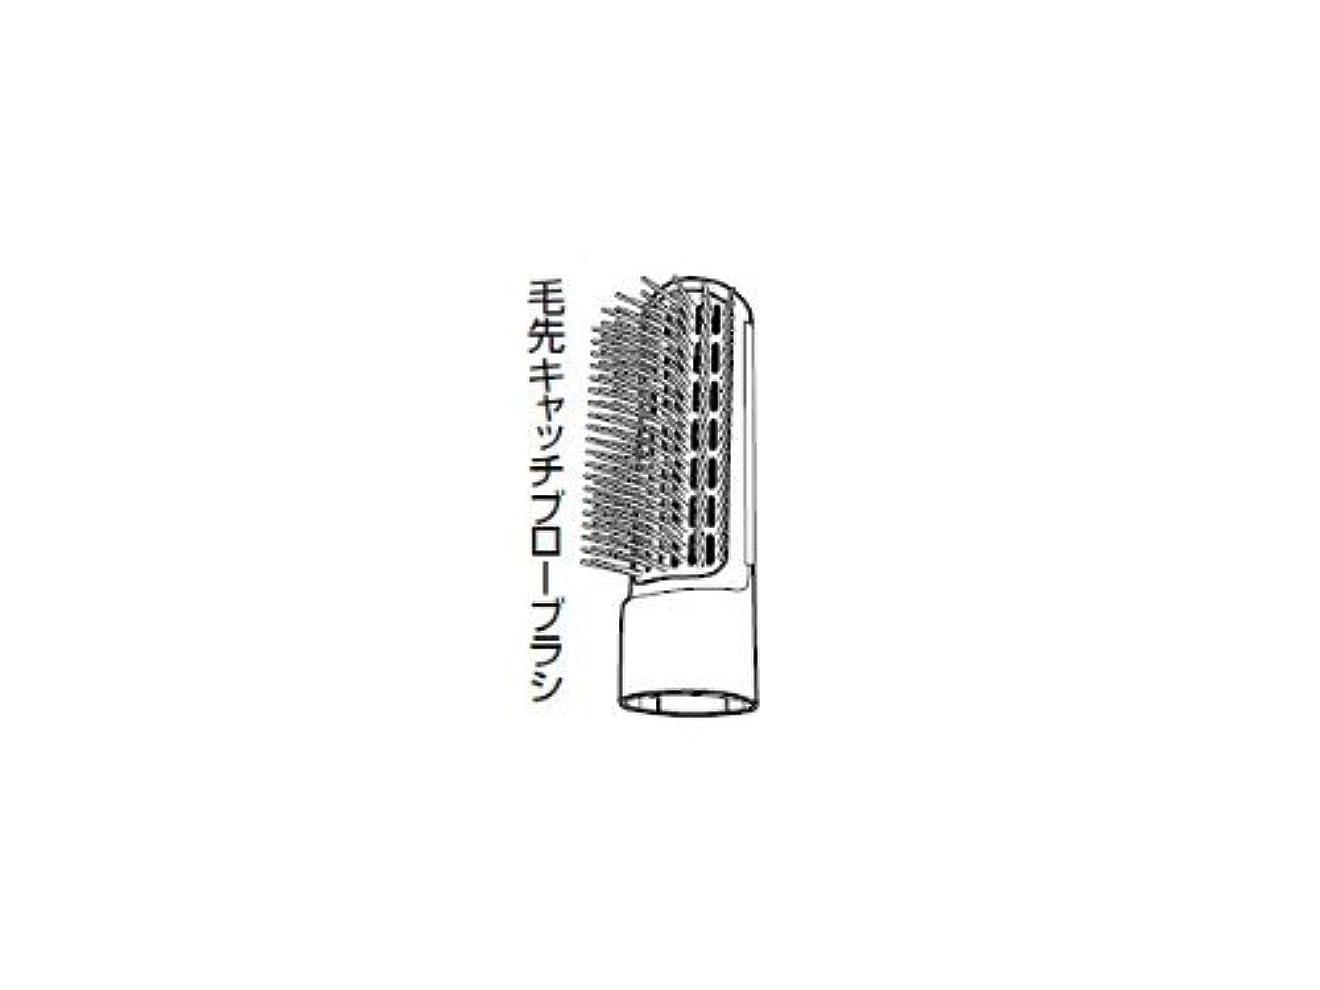 文房具触覚細分化するPanasonic 毛先キャッチブローブラシ(赤色用) EH8421R7617